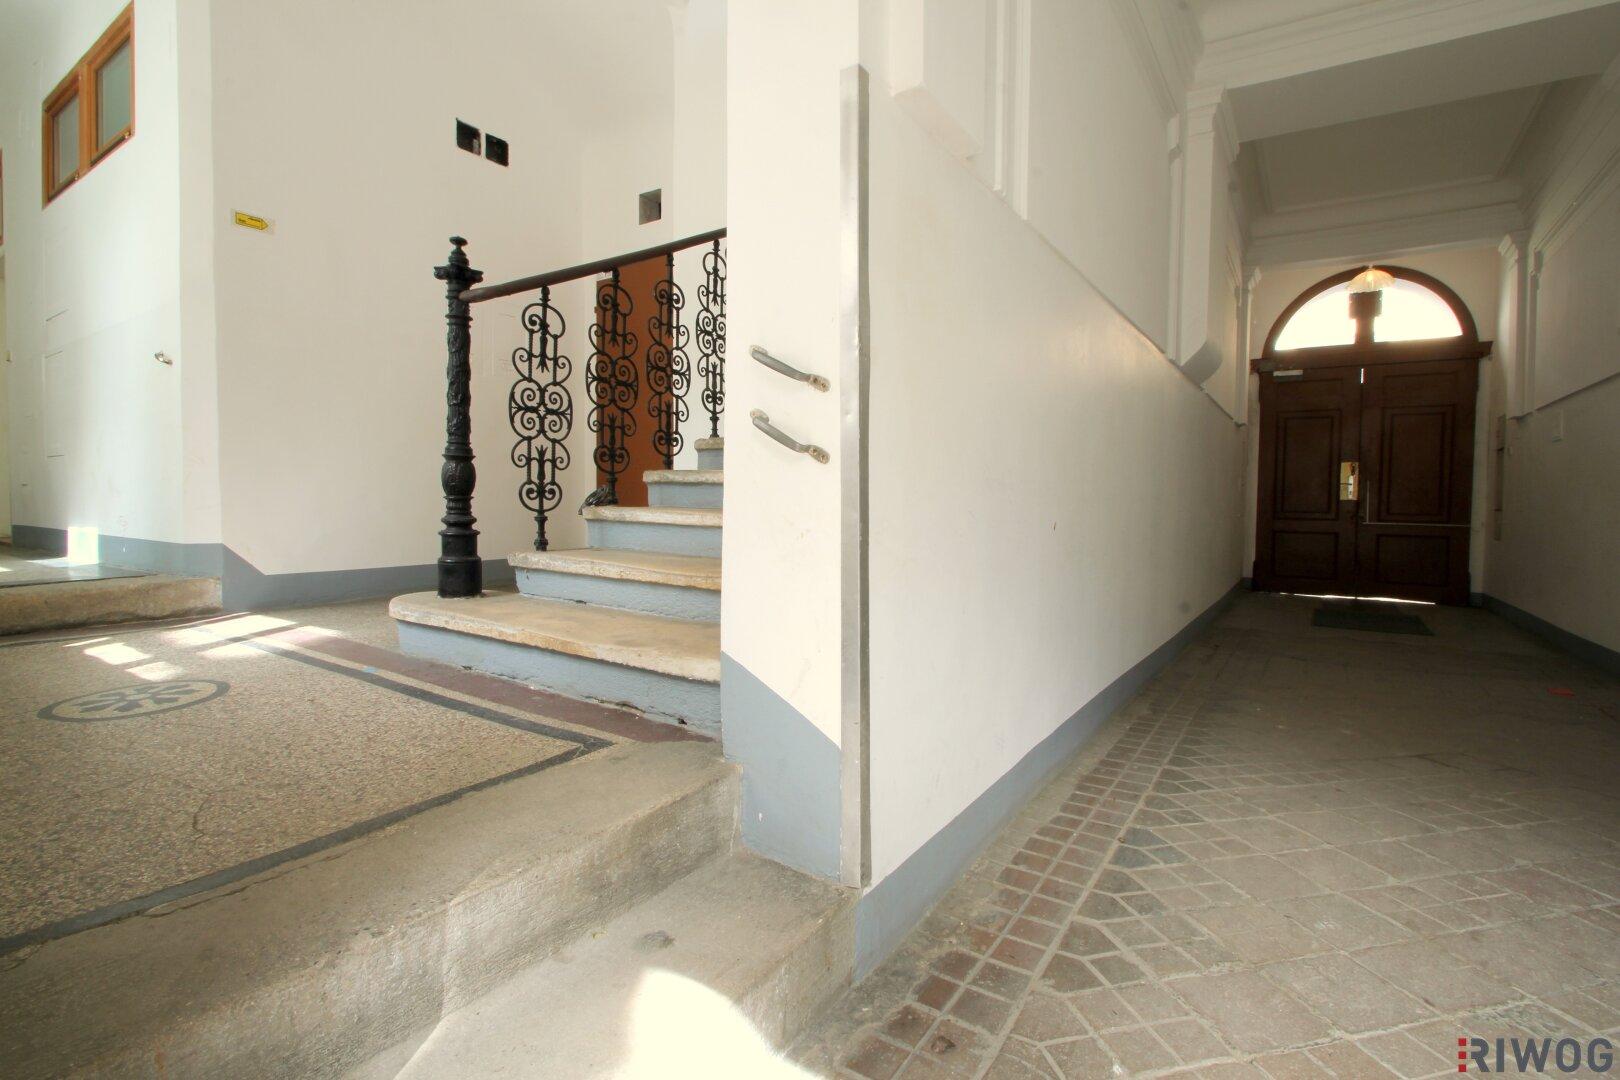 ++ Wohnungs-Hit in Währing ++ Gepflegte Altbauwohnungen in wunderschönem Eckzinhaus (Projektansicht)